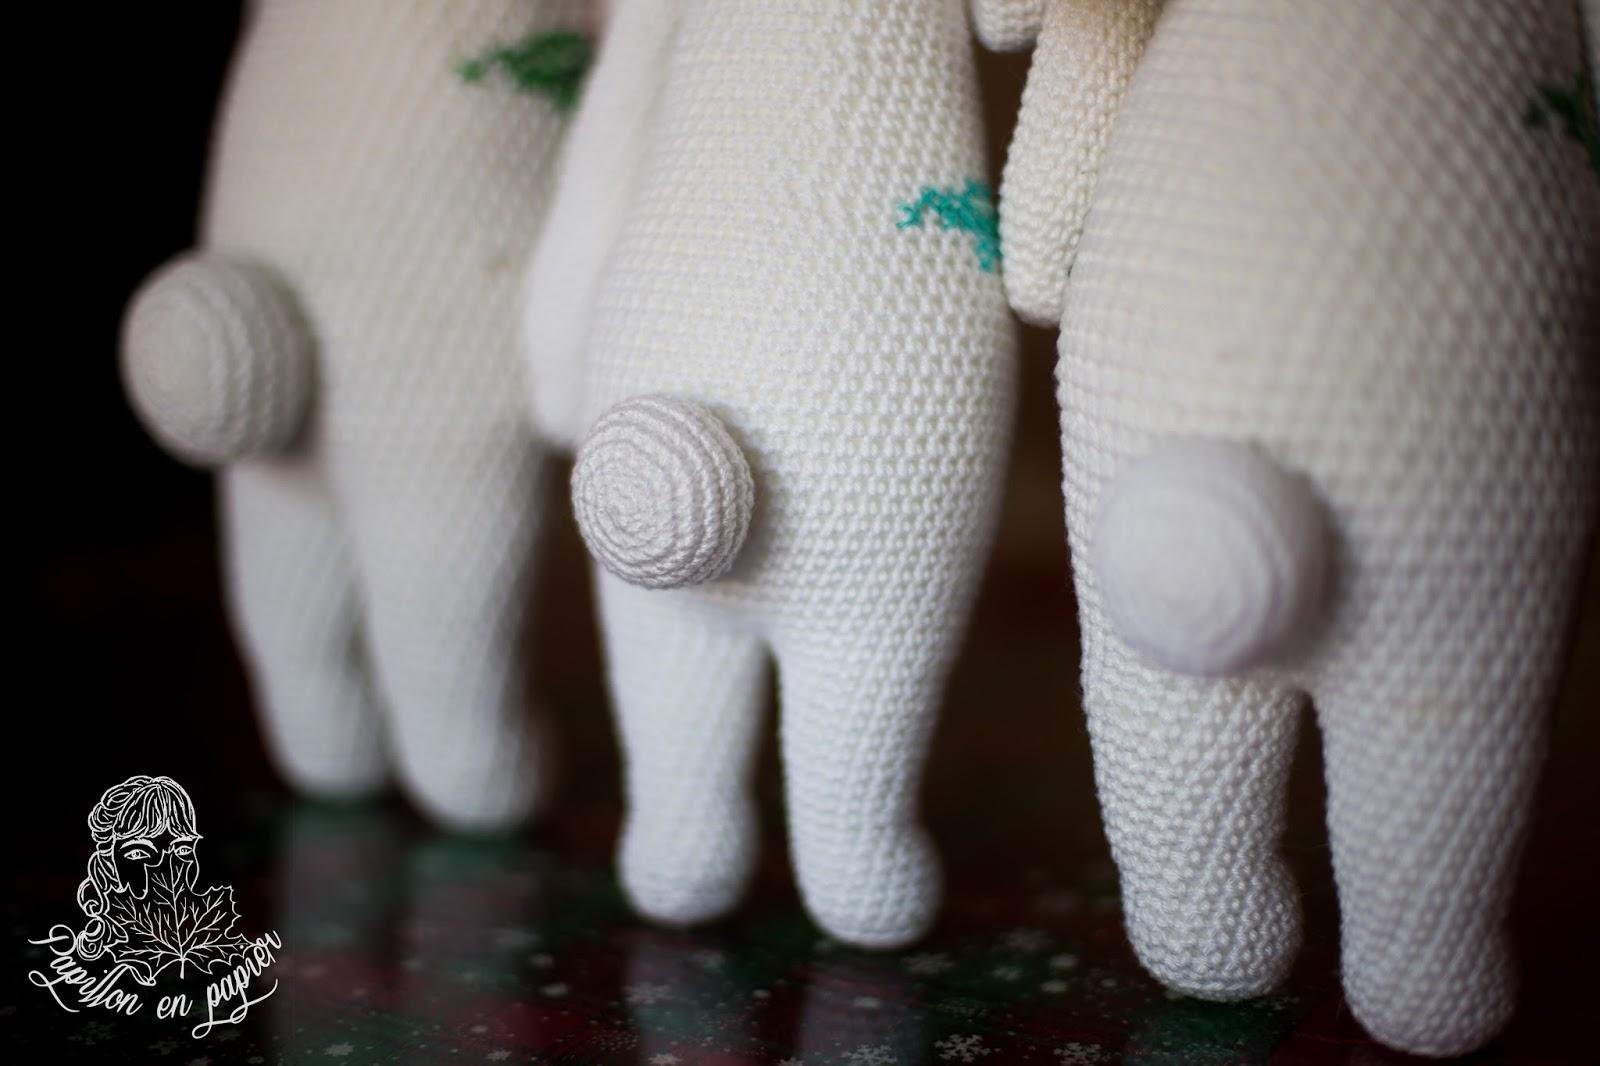 Amigurumi Tips : Papillon en papier amigurumi tips part check the yarn choose